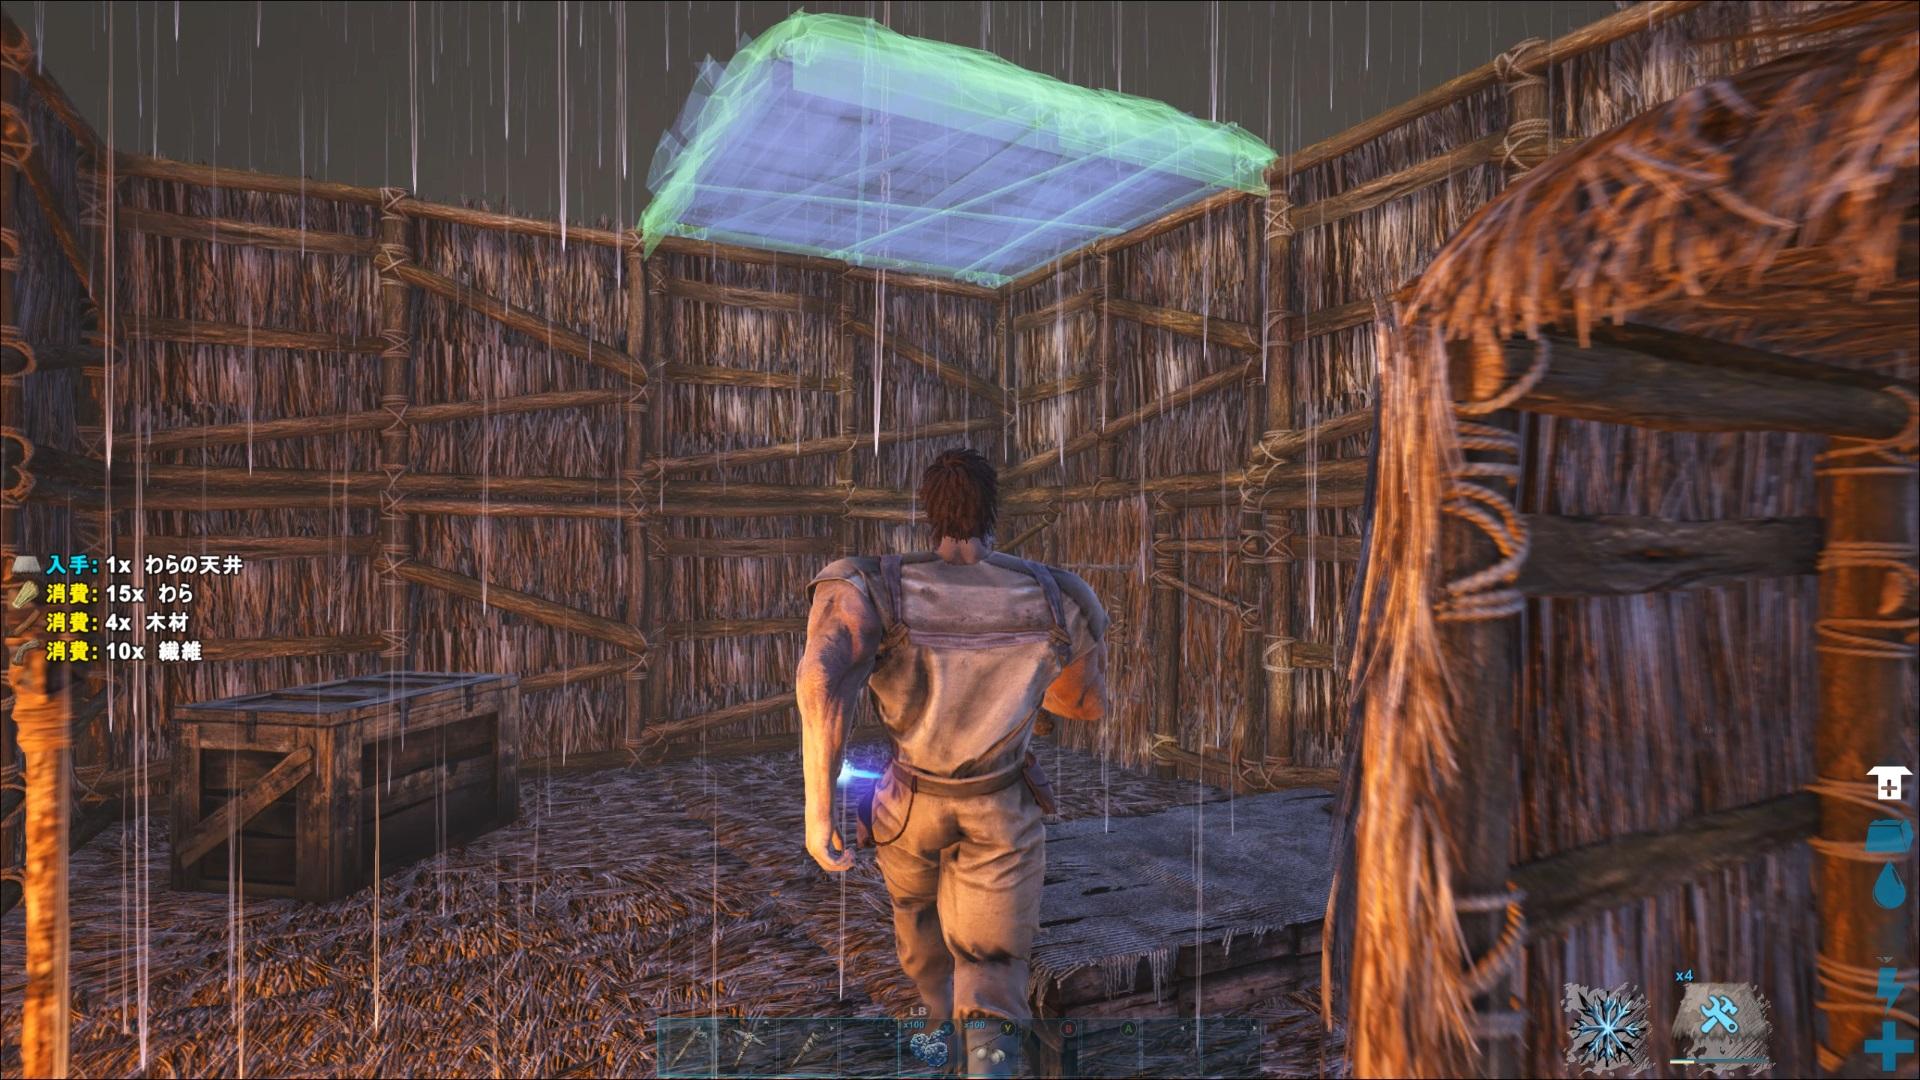 24d5c234276fe059b12e8836c589779c - 【ARK Survival Evolved】序盤攻略【究極の恐竜時代を生き抜く!】